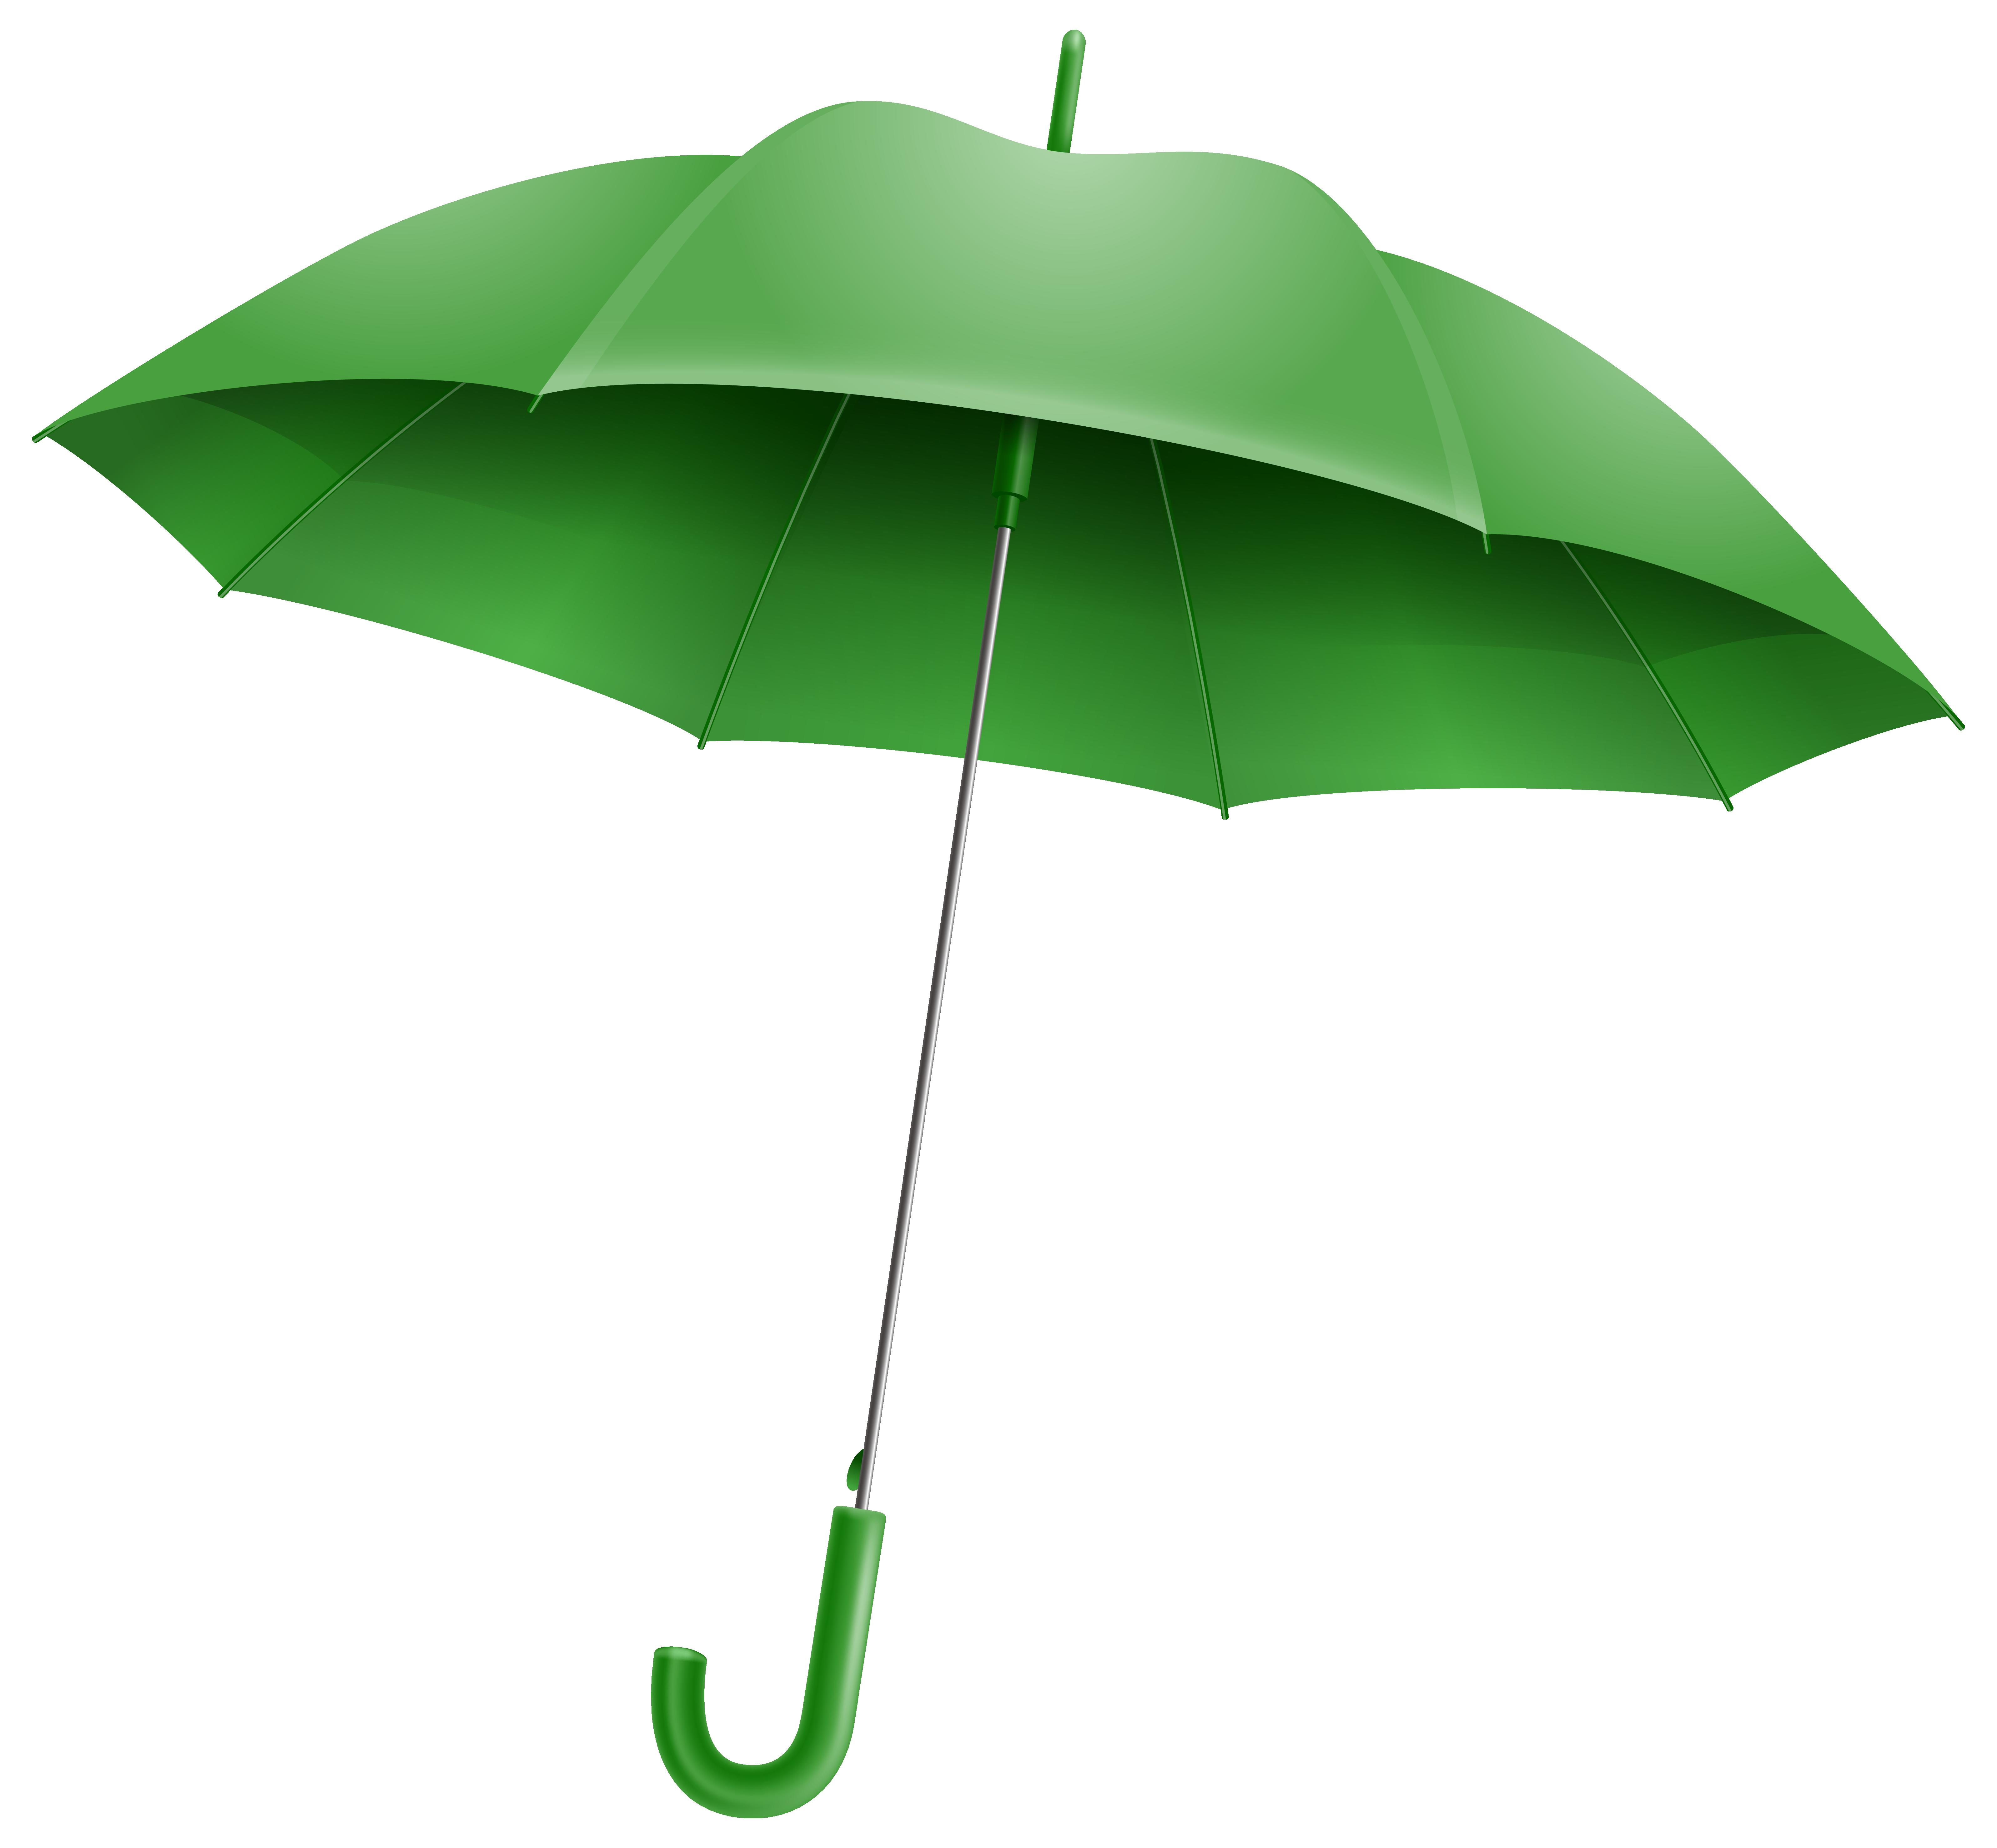 Green Umbrella PNG Clipart Image.